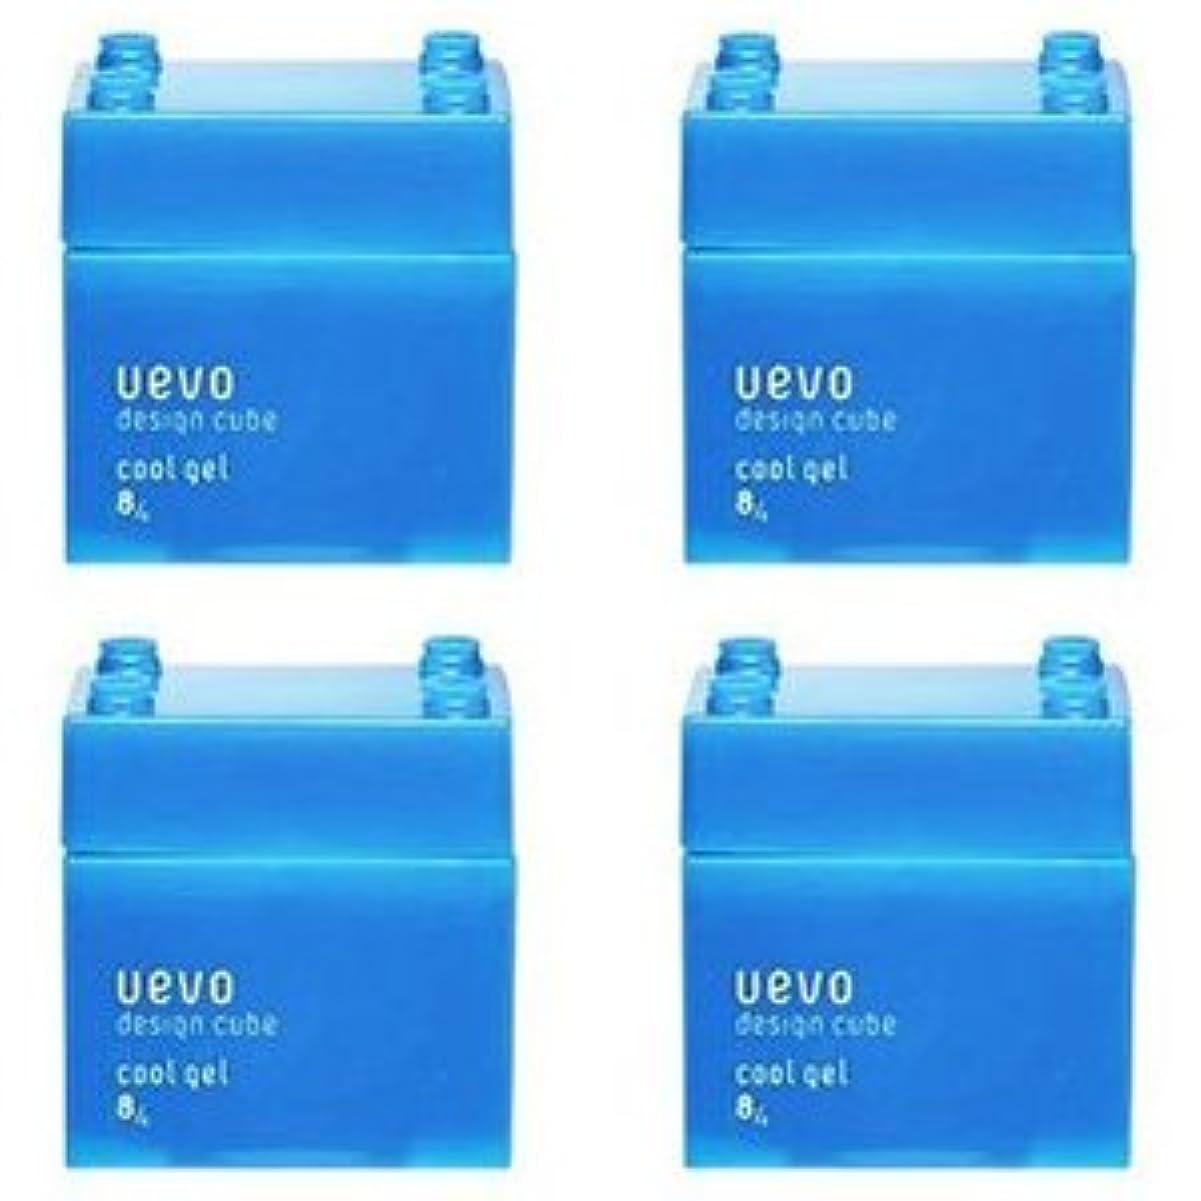 話すロビー自明【X4個セット】 デミ ウェーボ デザインキューブ クールジェル 80g cool gel DEMI uevo design cube